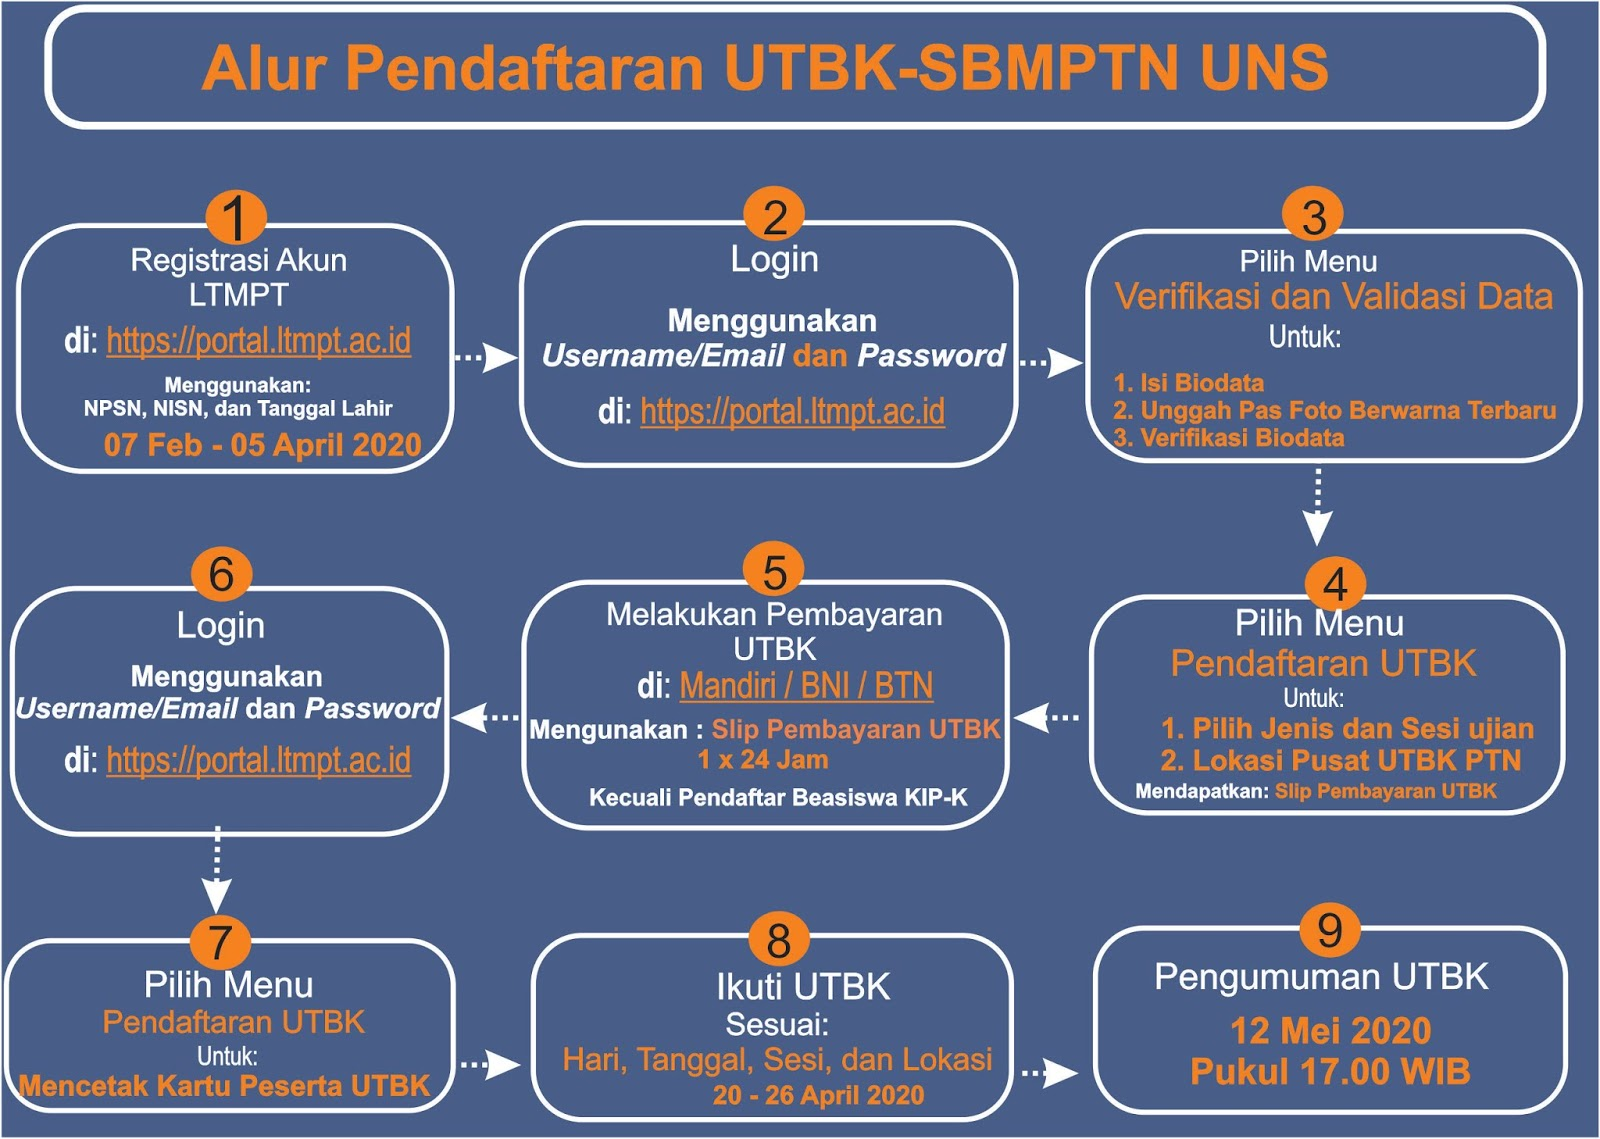 Pendaftaran Mahasiswa Baru UNS Jenjang D3,S1,S2,S3 T.A 2020/2021 ...